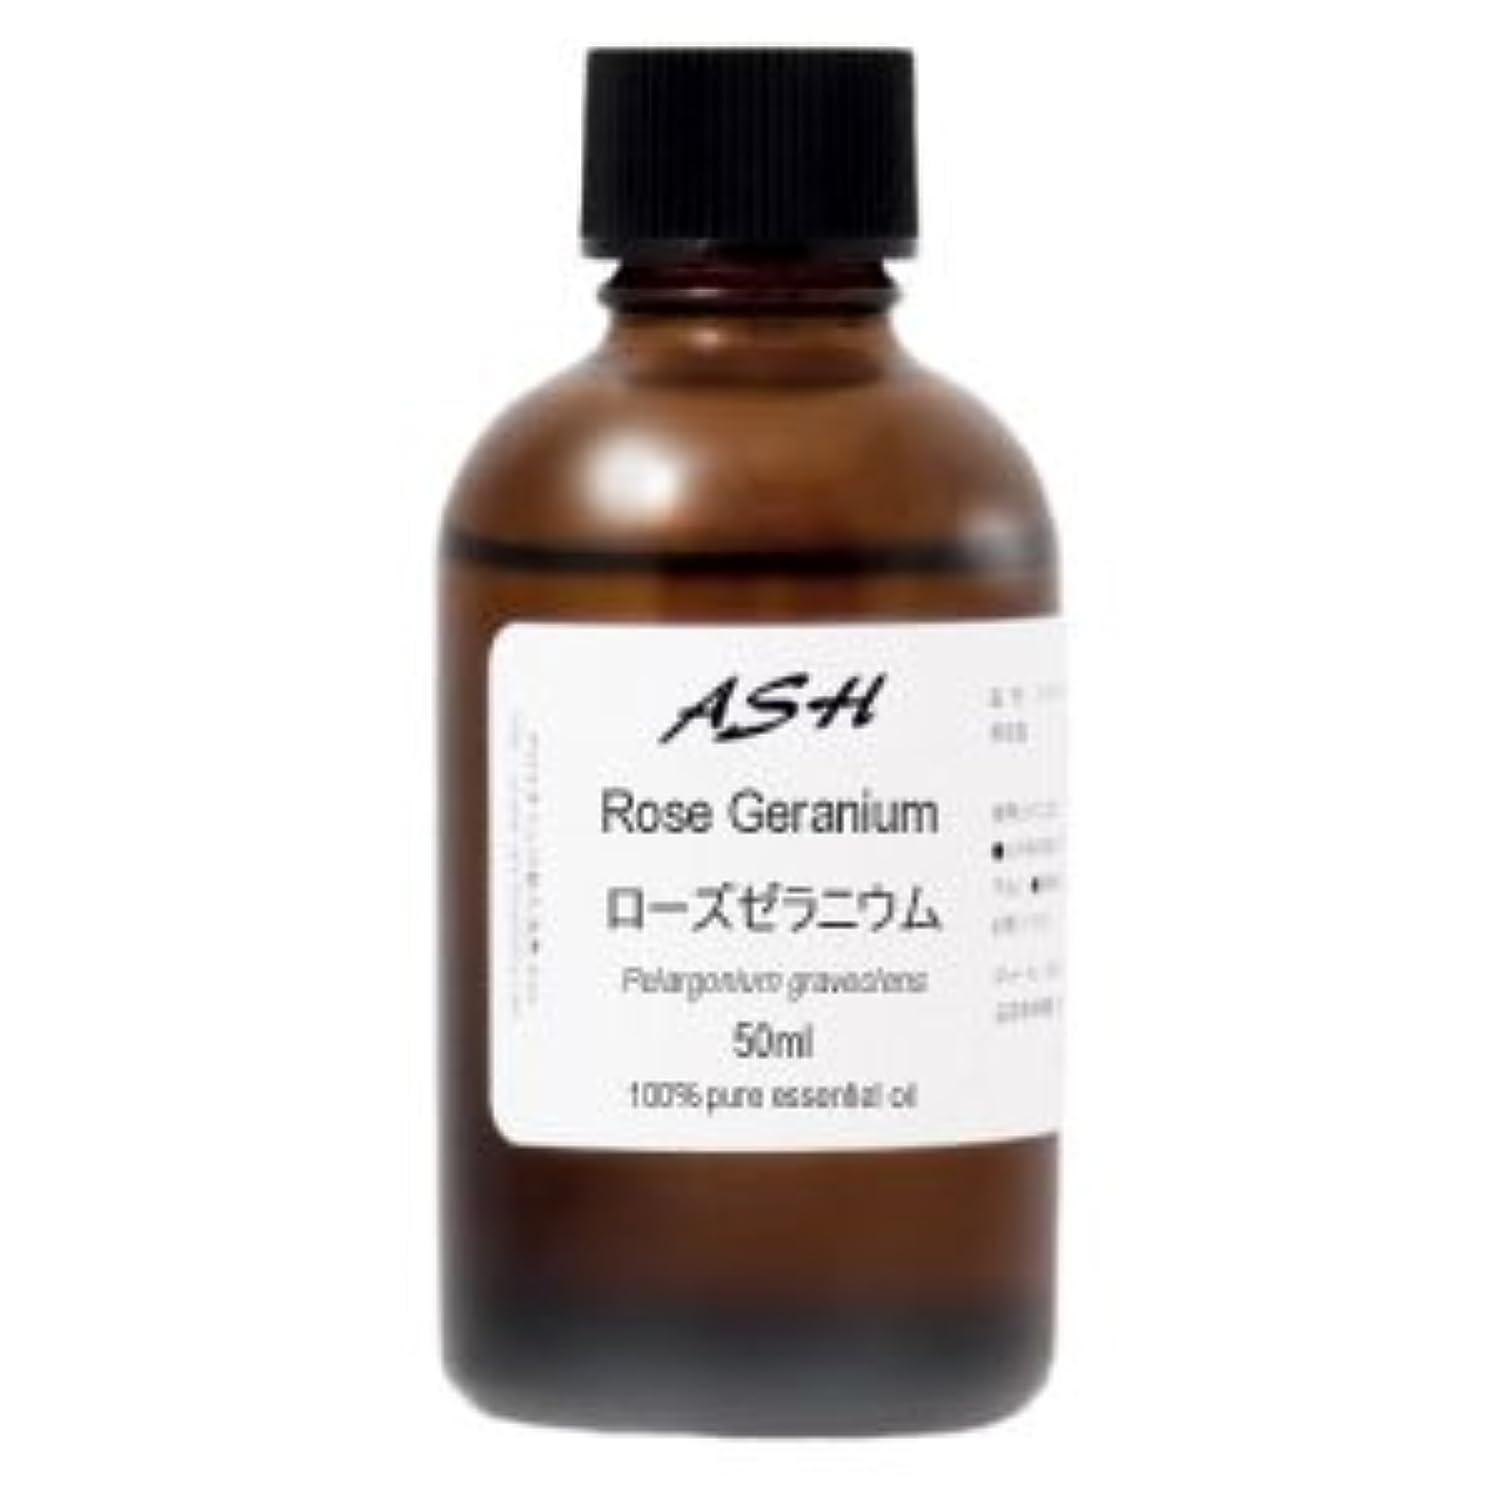 バスルーム分散ASH ローズゼラニウム エッセンシャルオイル 50ml AEAJ表示基準適合認定精油